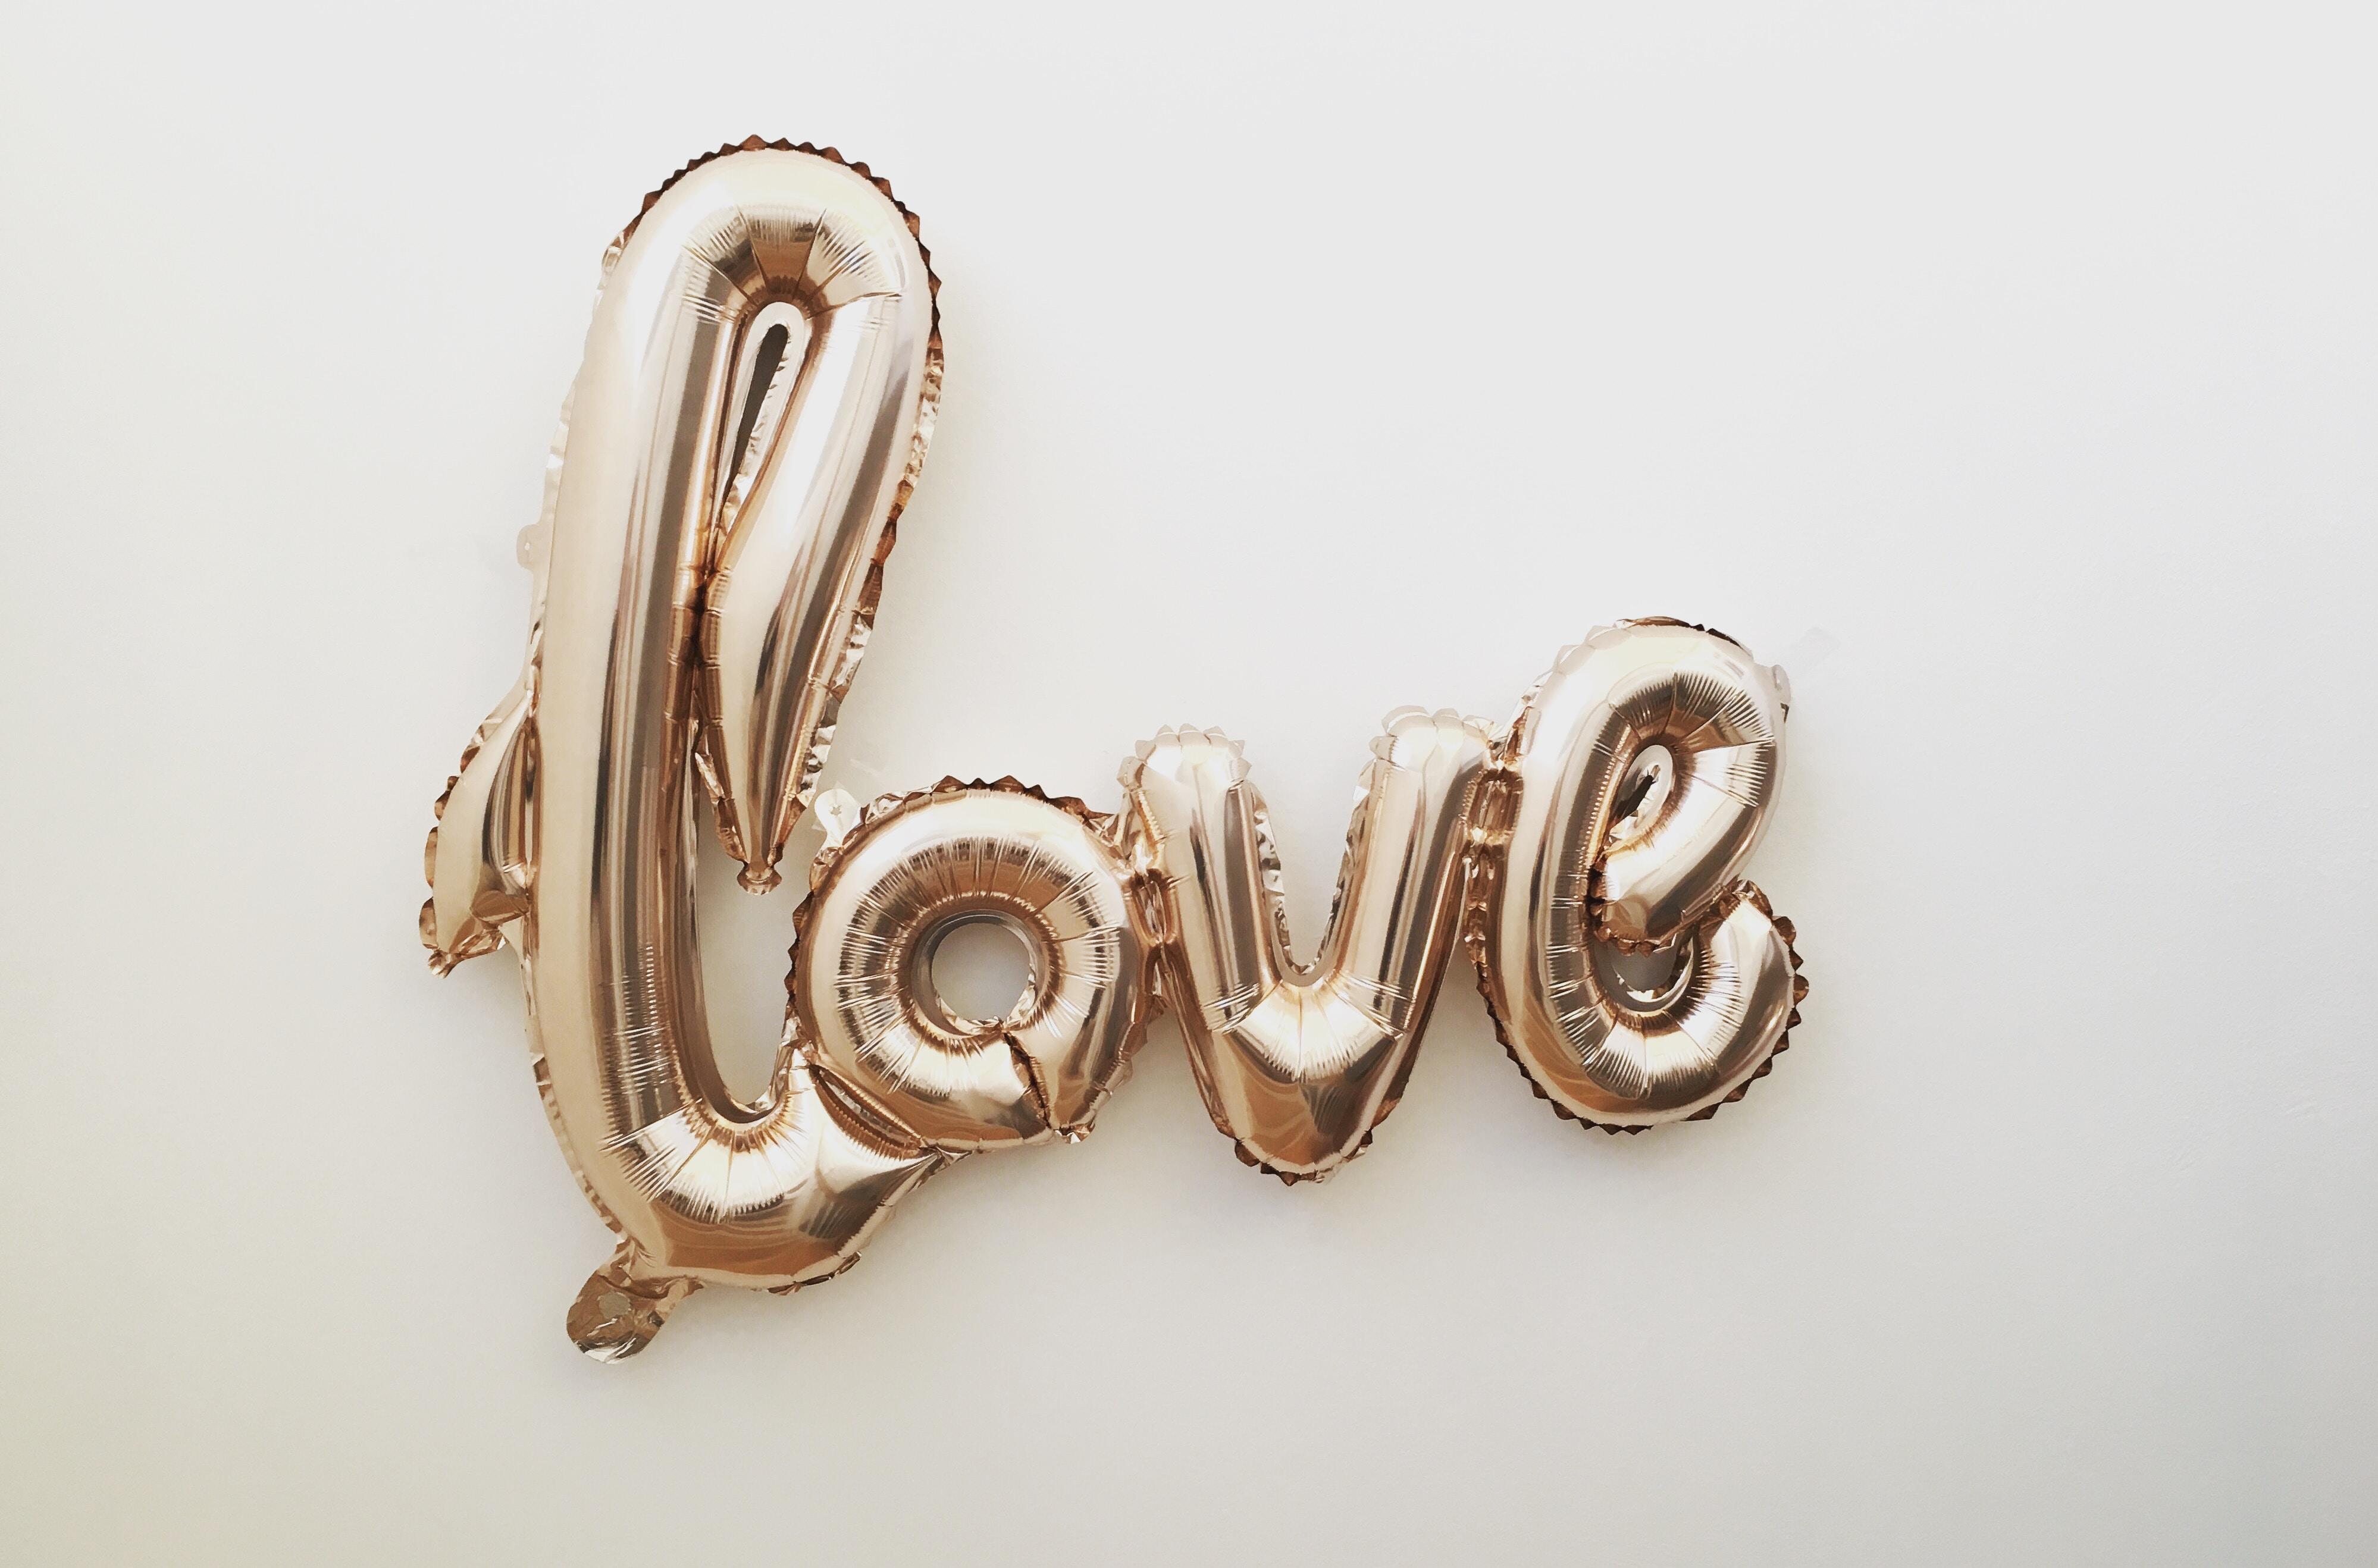 ピンクオパールが持つ意味は?パワーストーンとしての効果一覧 恋愛やお守り効果について